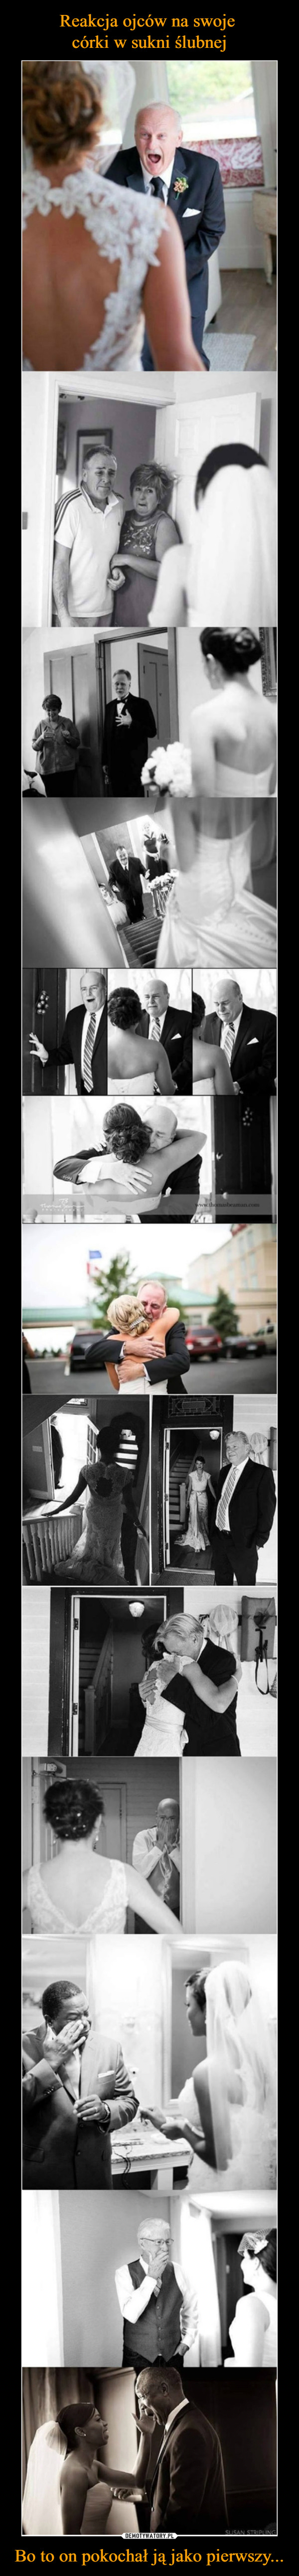 Bo to on pokochał ją jako pierwszy... –